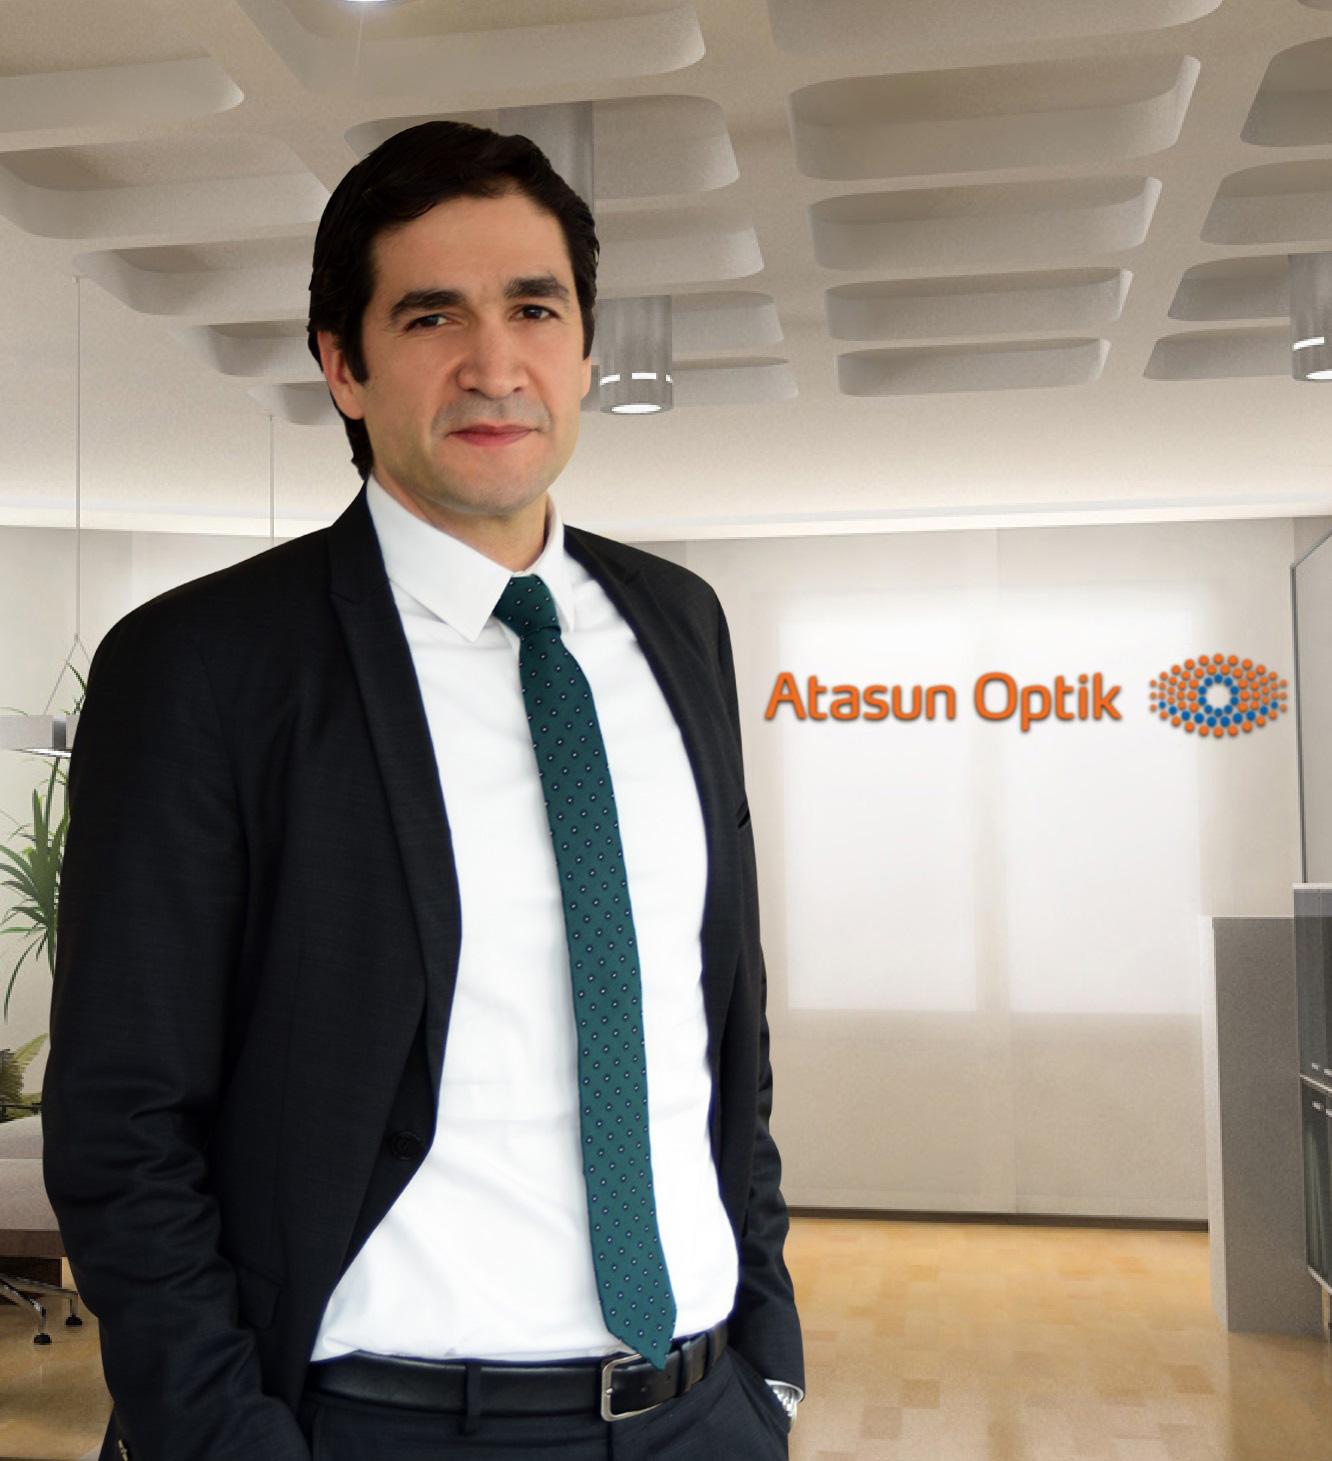 Atasun Optik'e yeni genel müdür